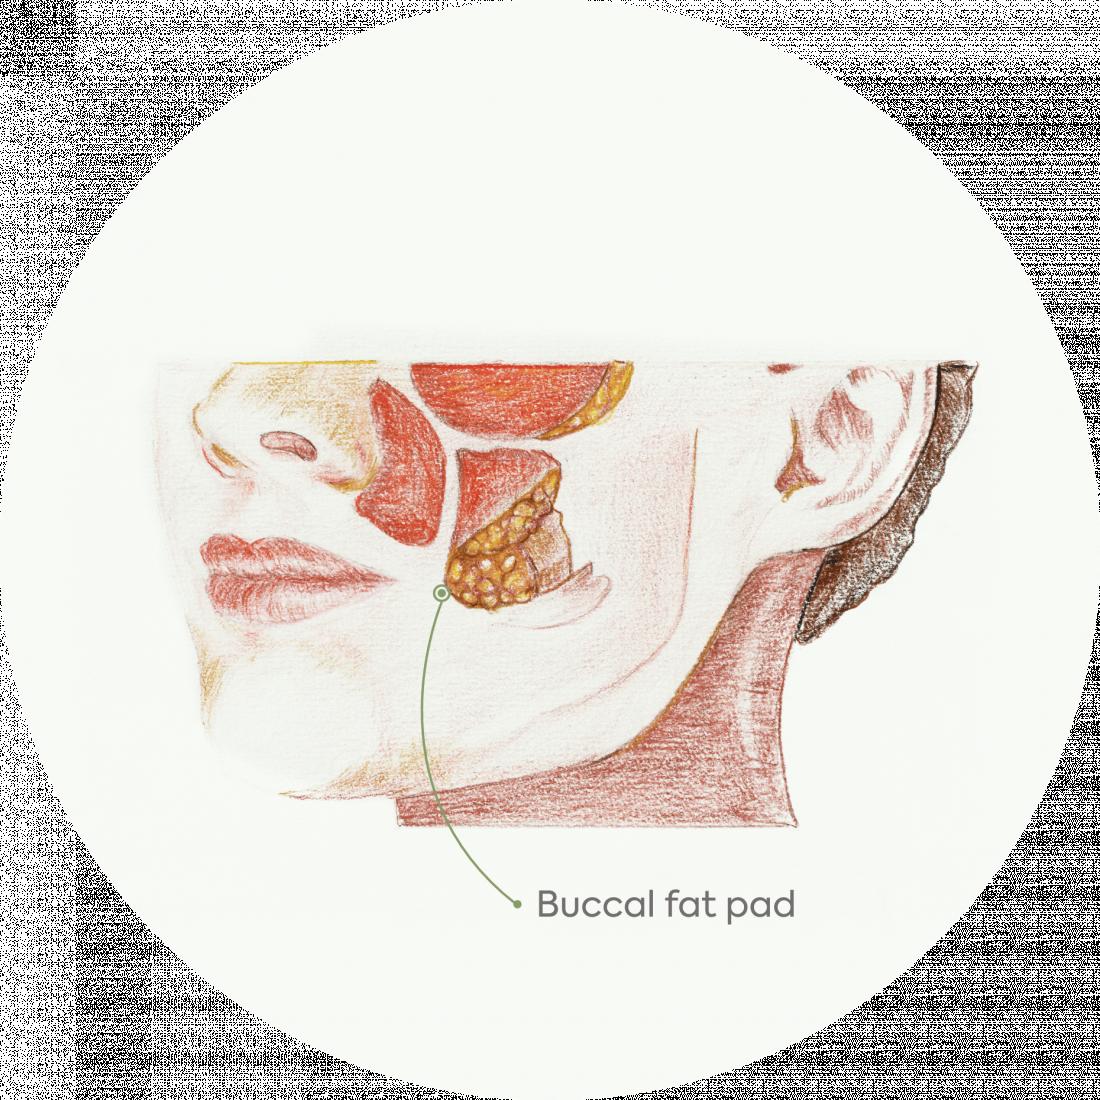 Procedure details : Bichectomy